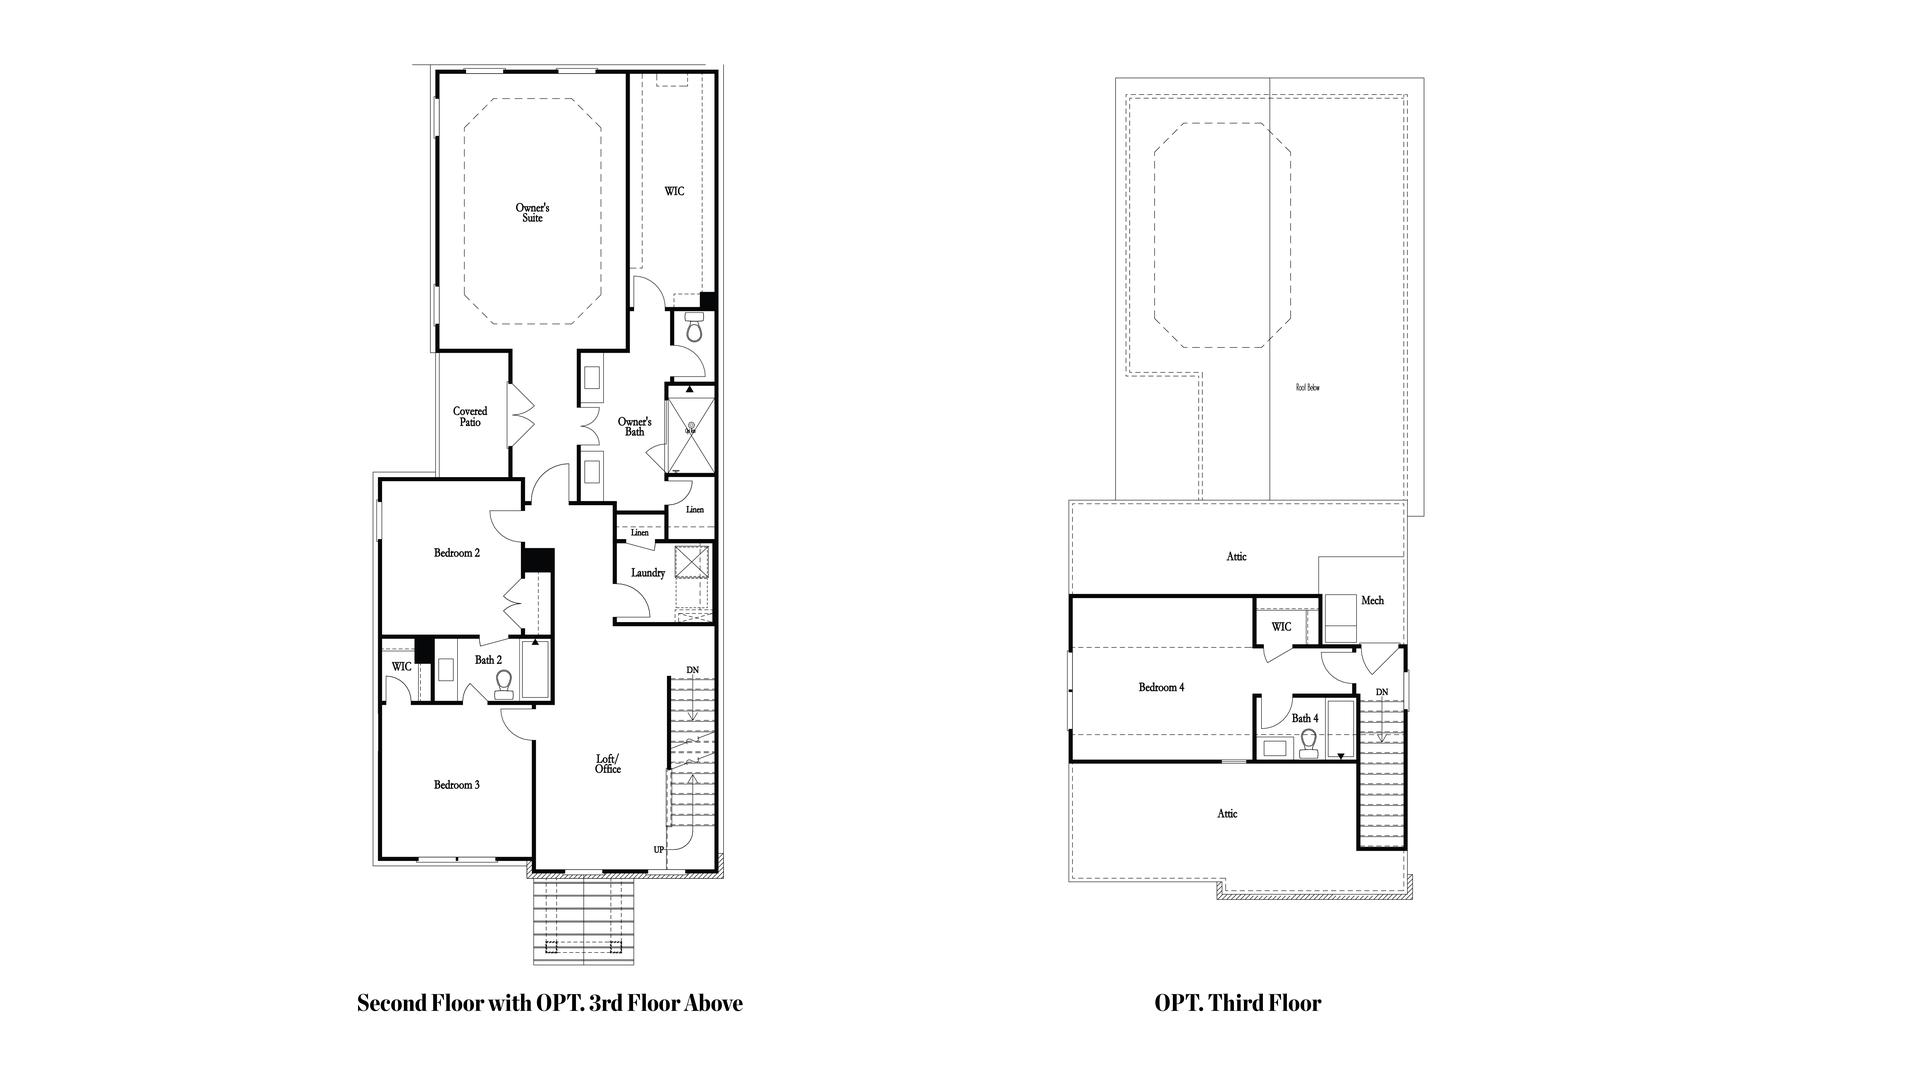 Optional 3rd Floor. New Home in Suwanee, GA